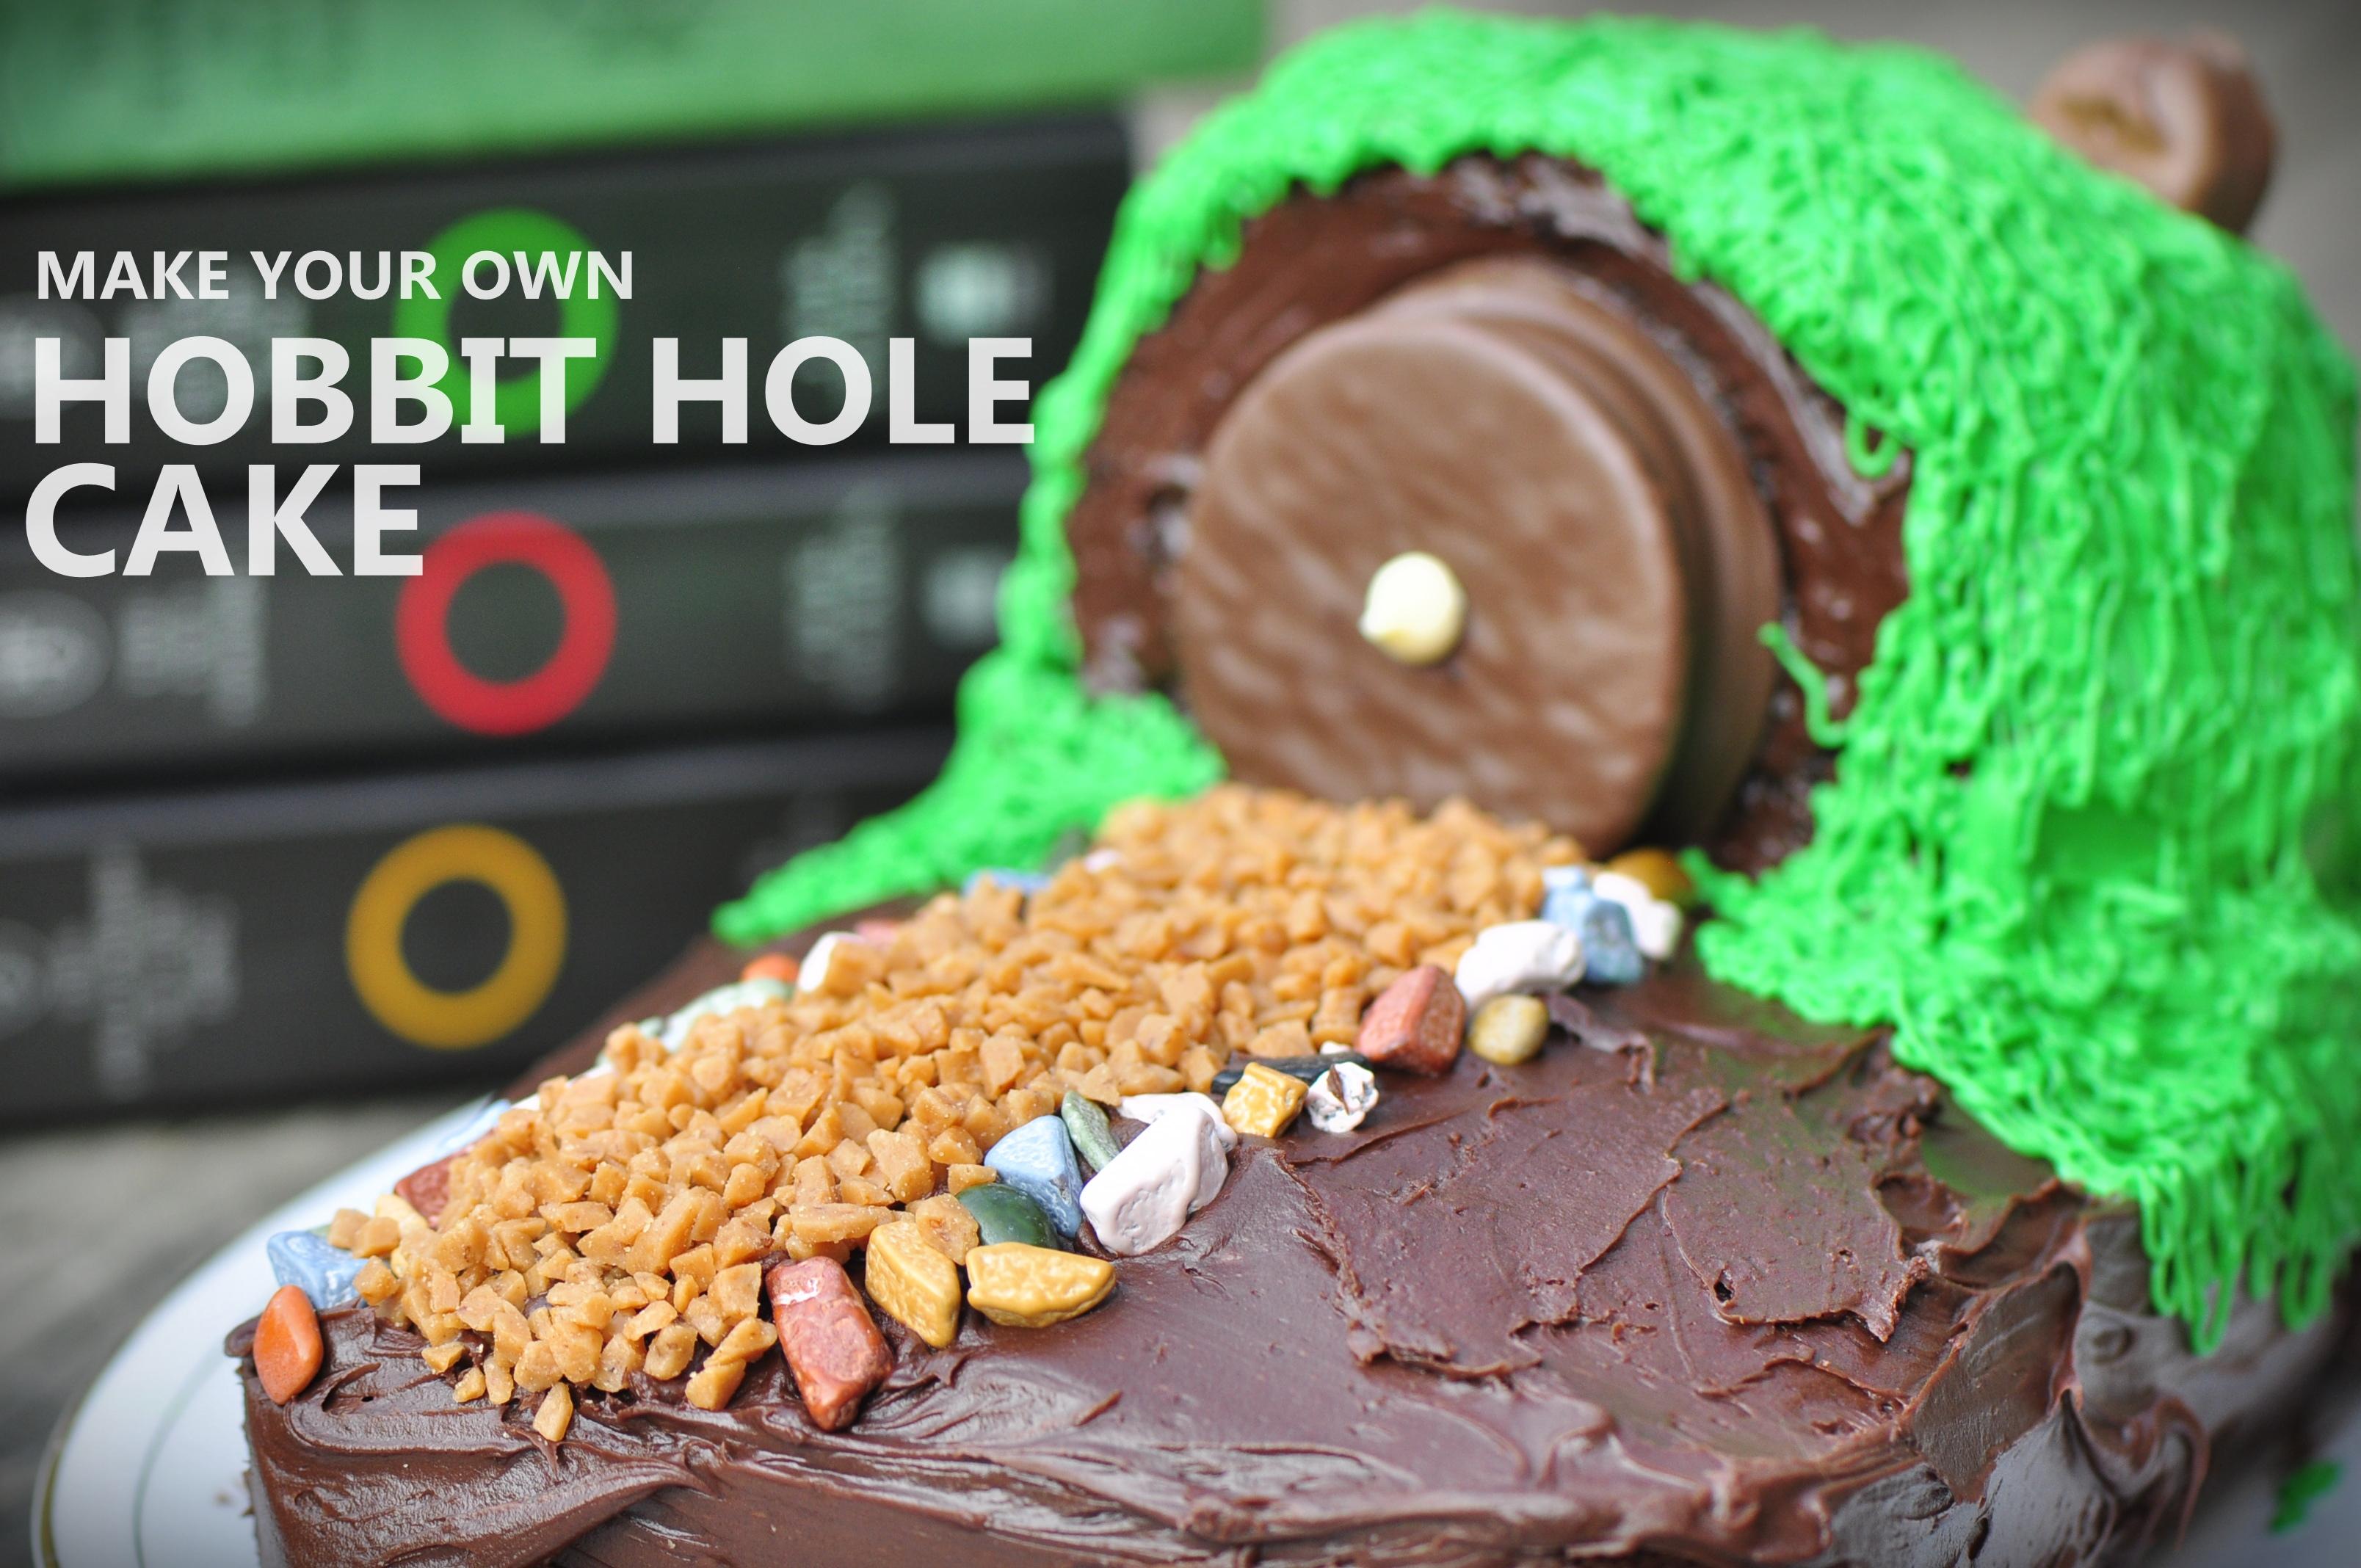 Hobbit Hole Cake The Vegetarian Ginger